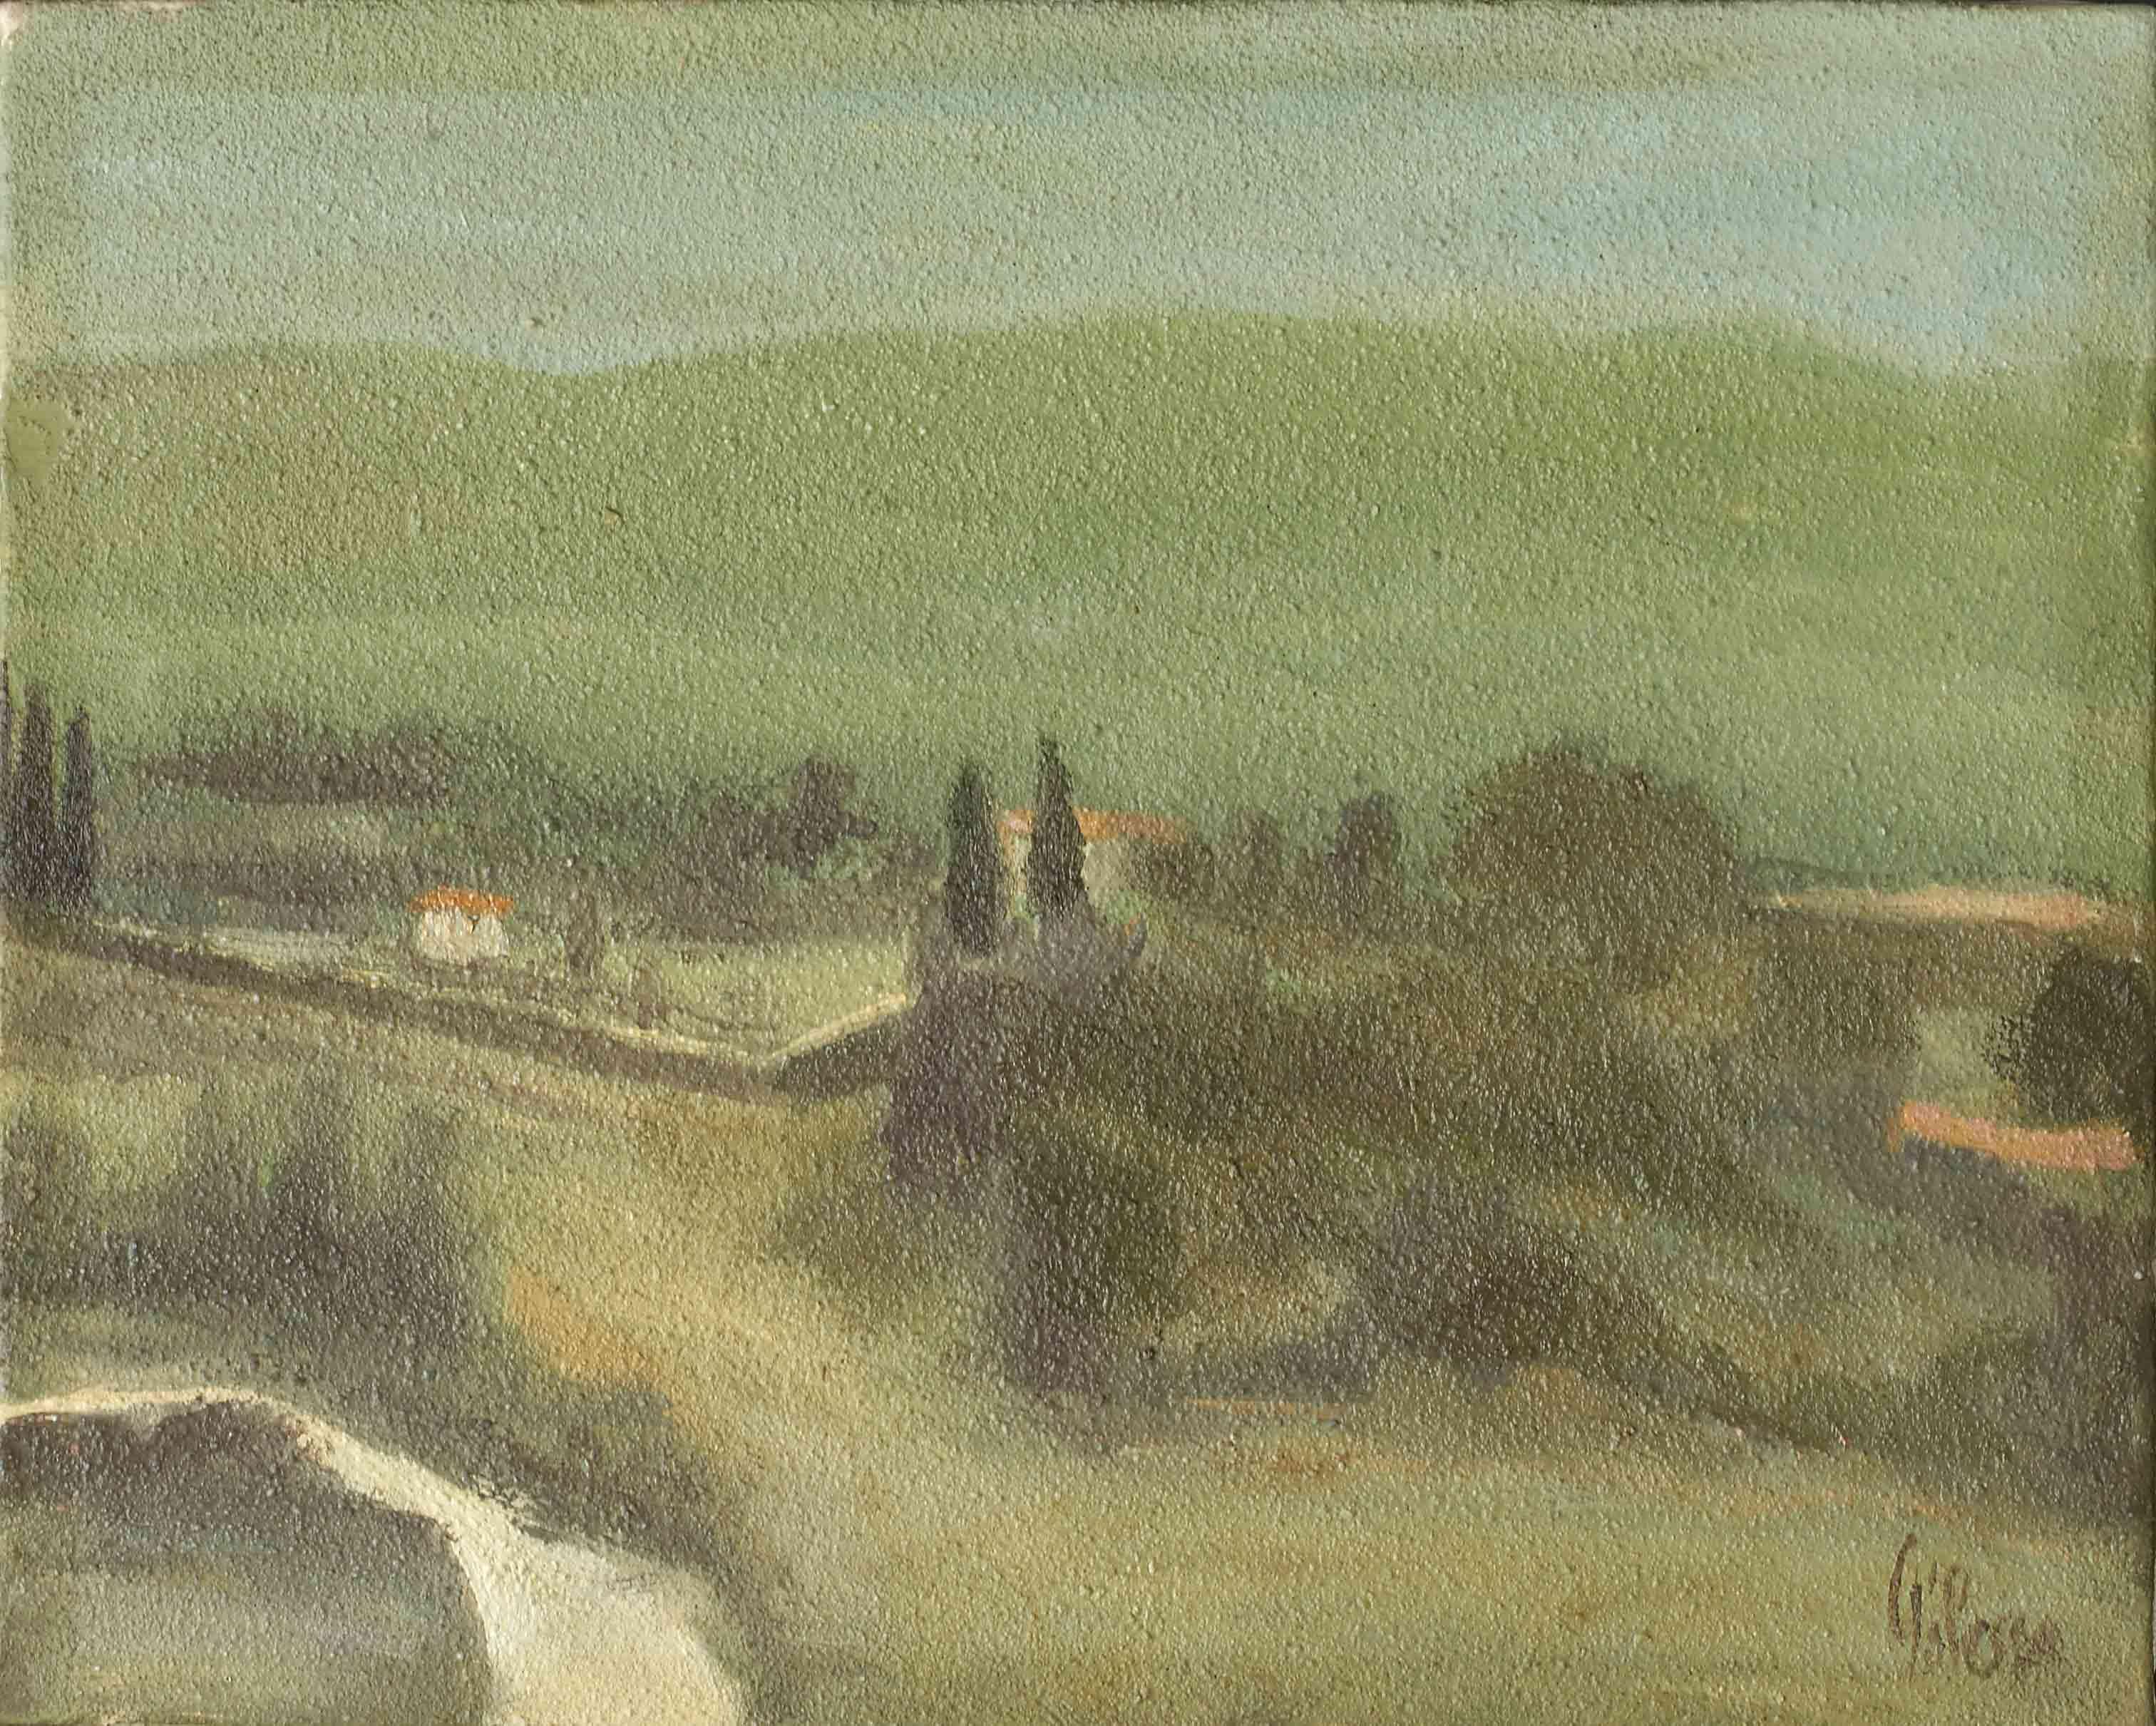 quadro paesaggio umbria italia, opera d'arte del maestro polesso fulvio pittore chiarista milano italia